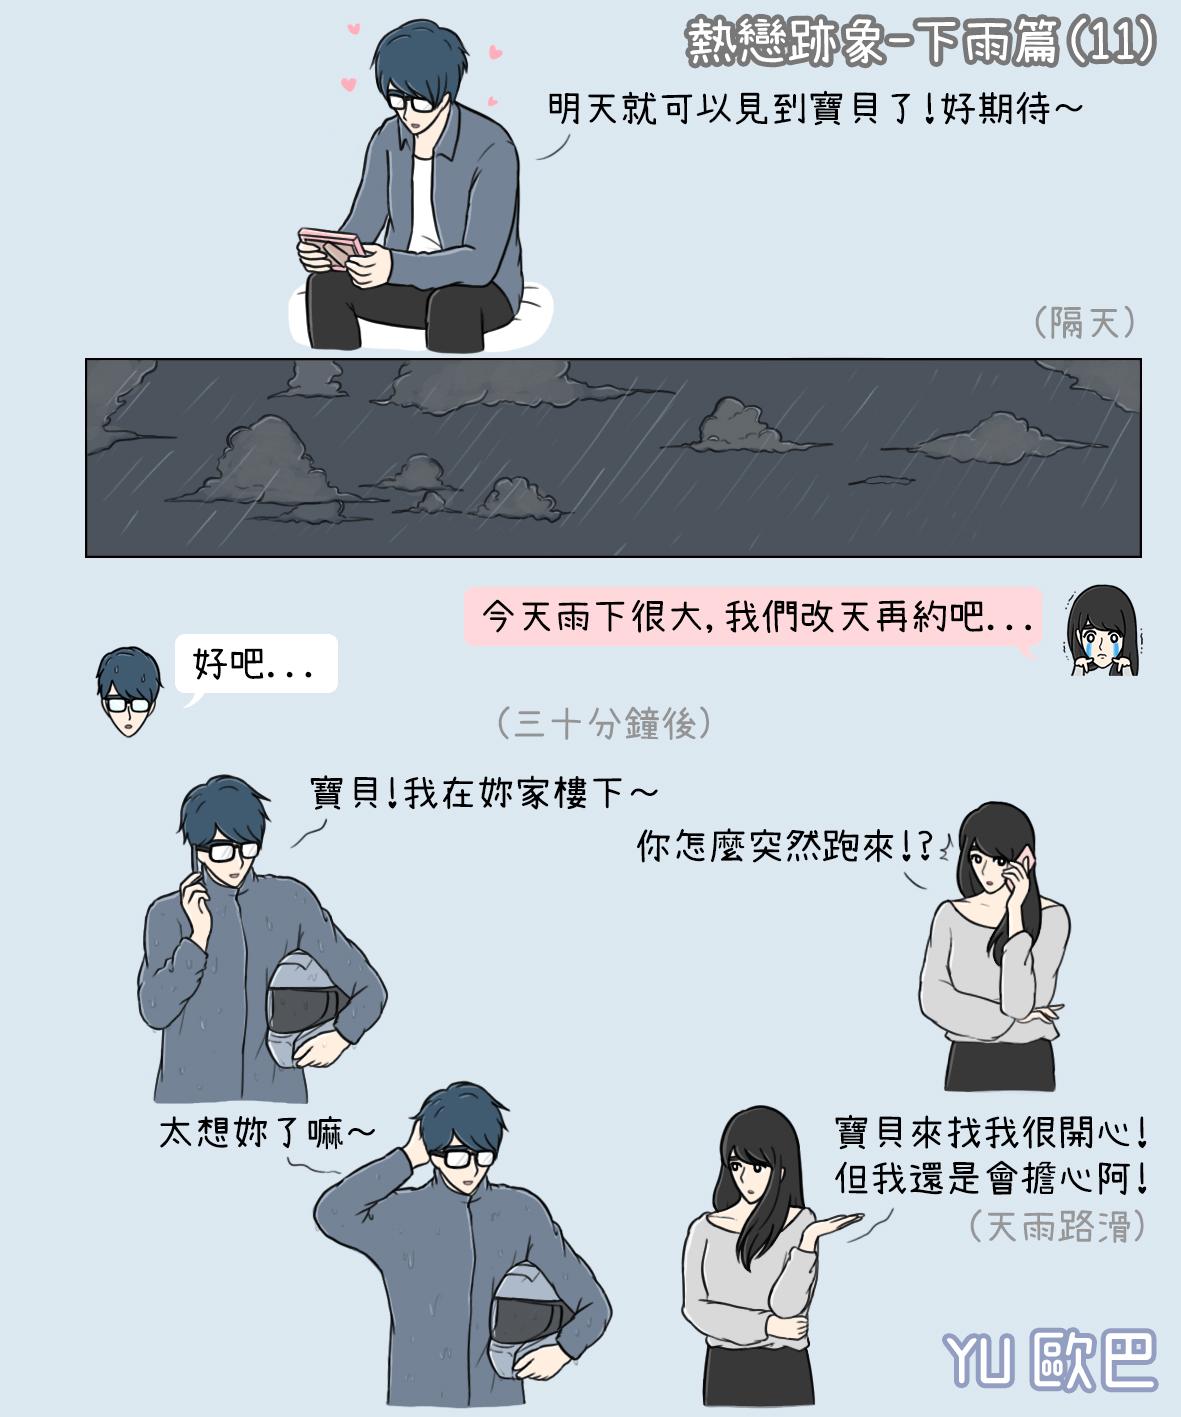 273熱戀跡象-下雨篇(11)中